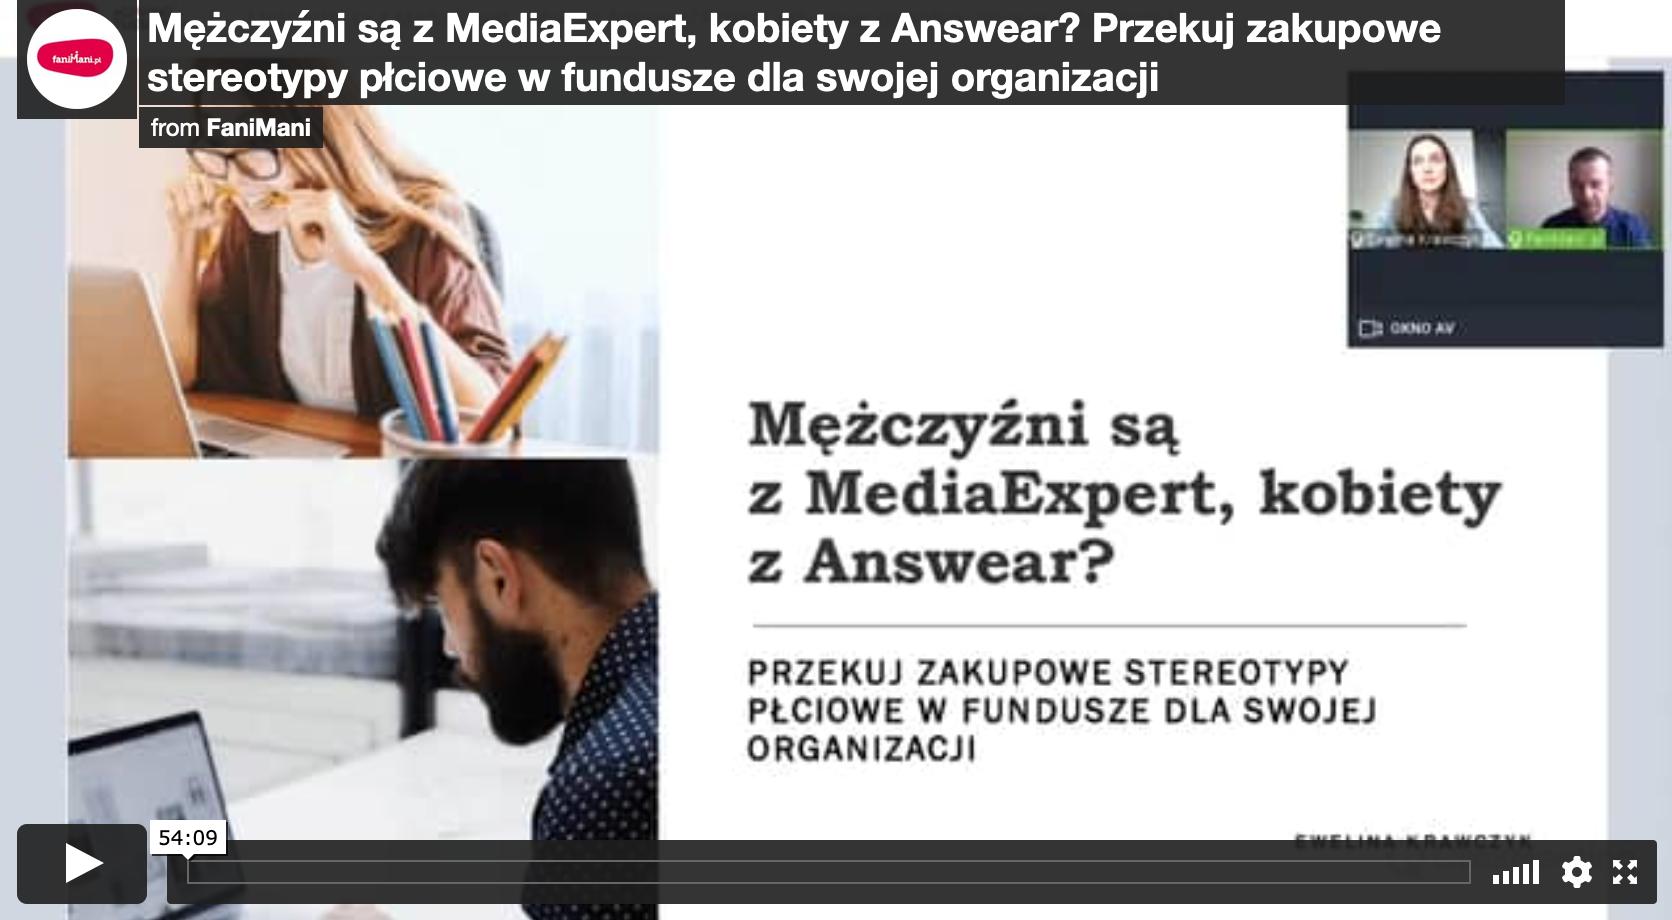 Mężczyźni są z MediaExpert, kobiety z Answear? Przekuj zakupowe stereotypy płciowe w fundusze dla swojej organizacji